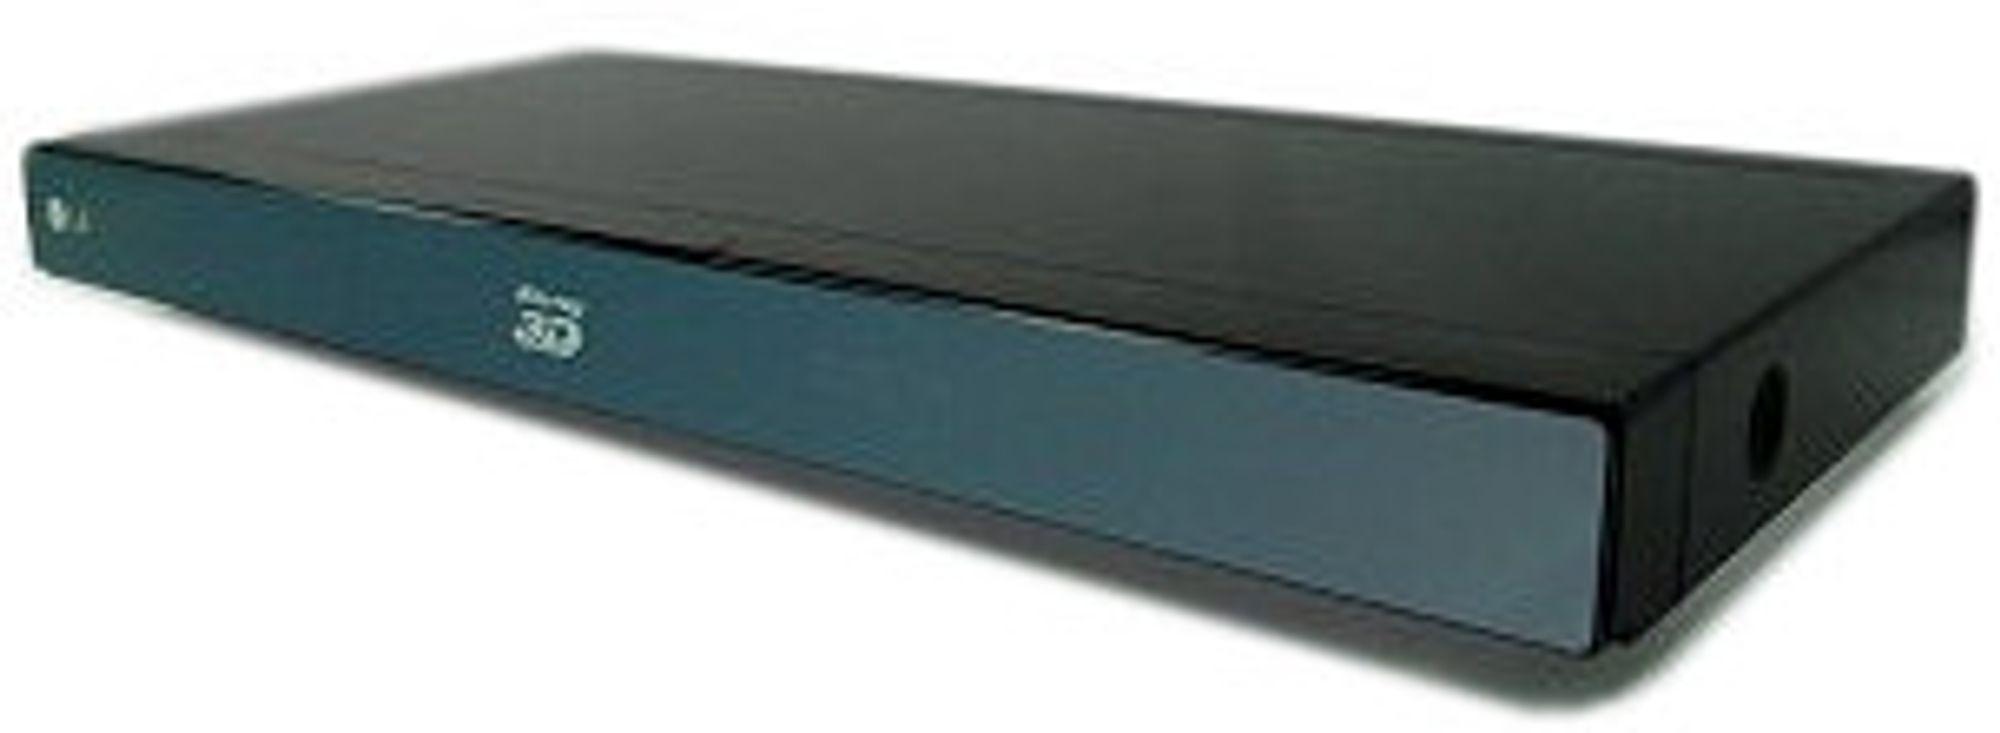 3D-Blu-ray: LG BX580